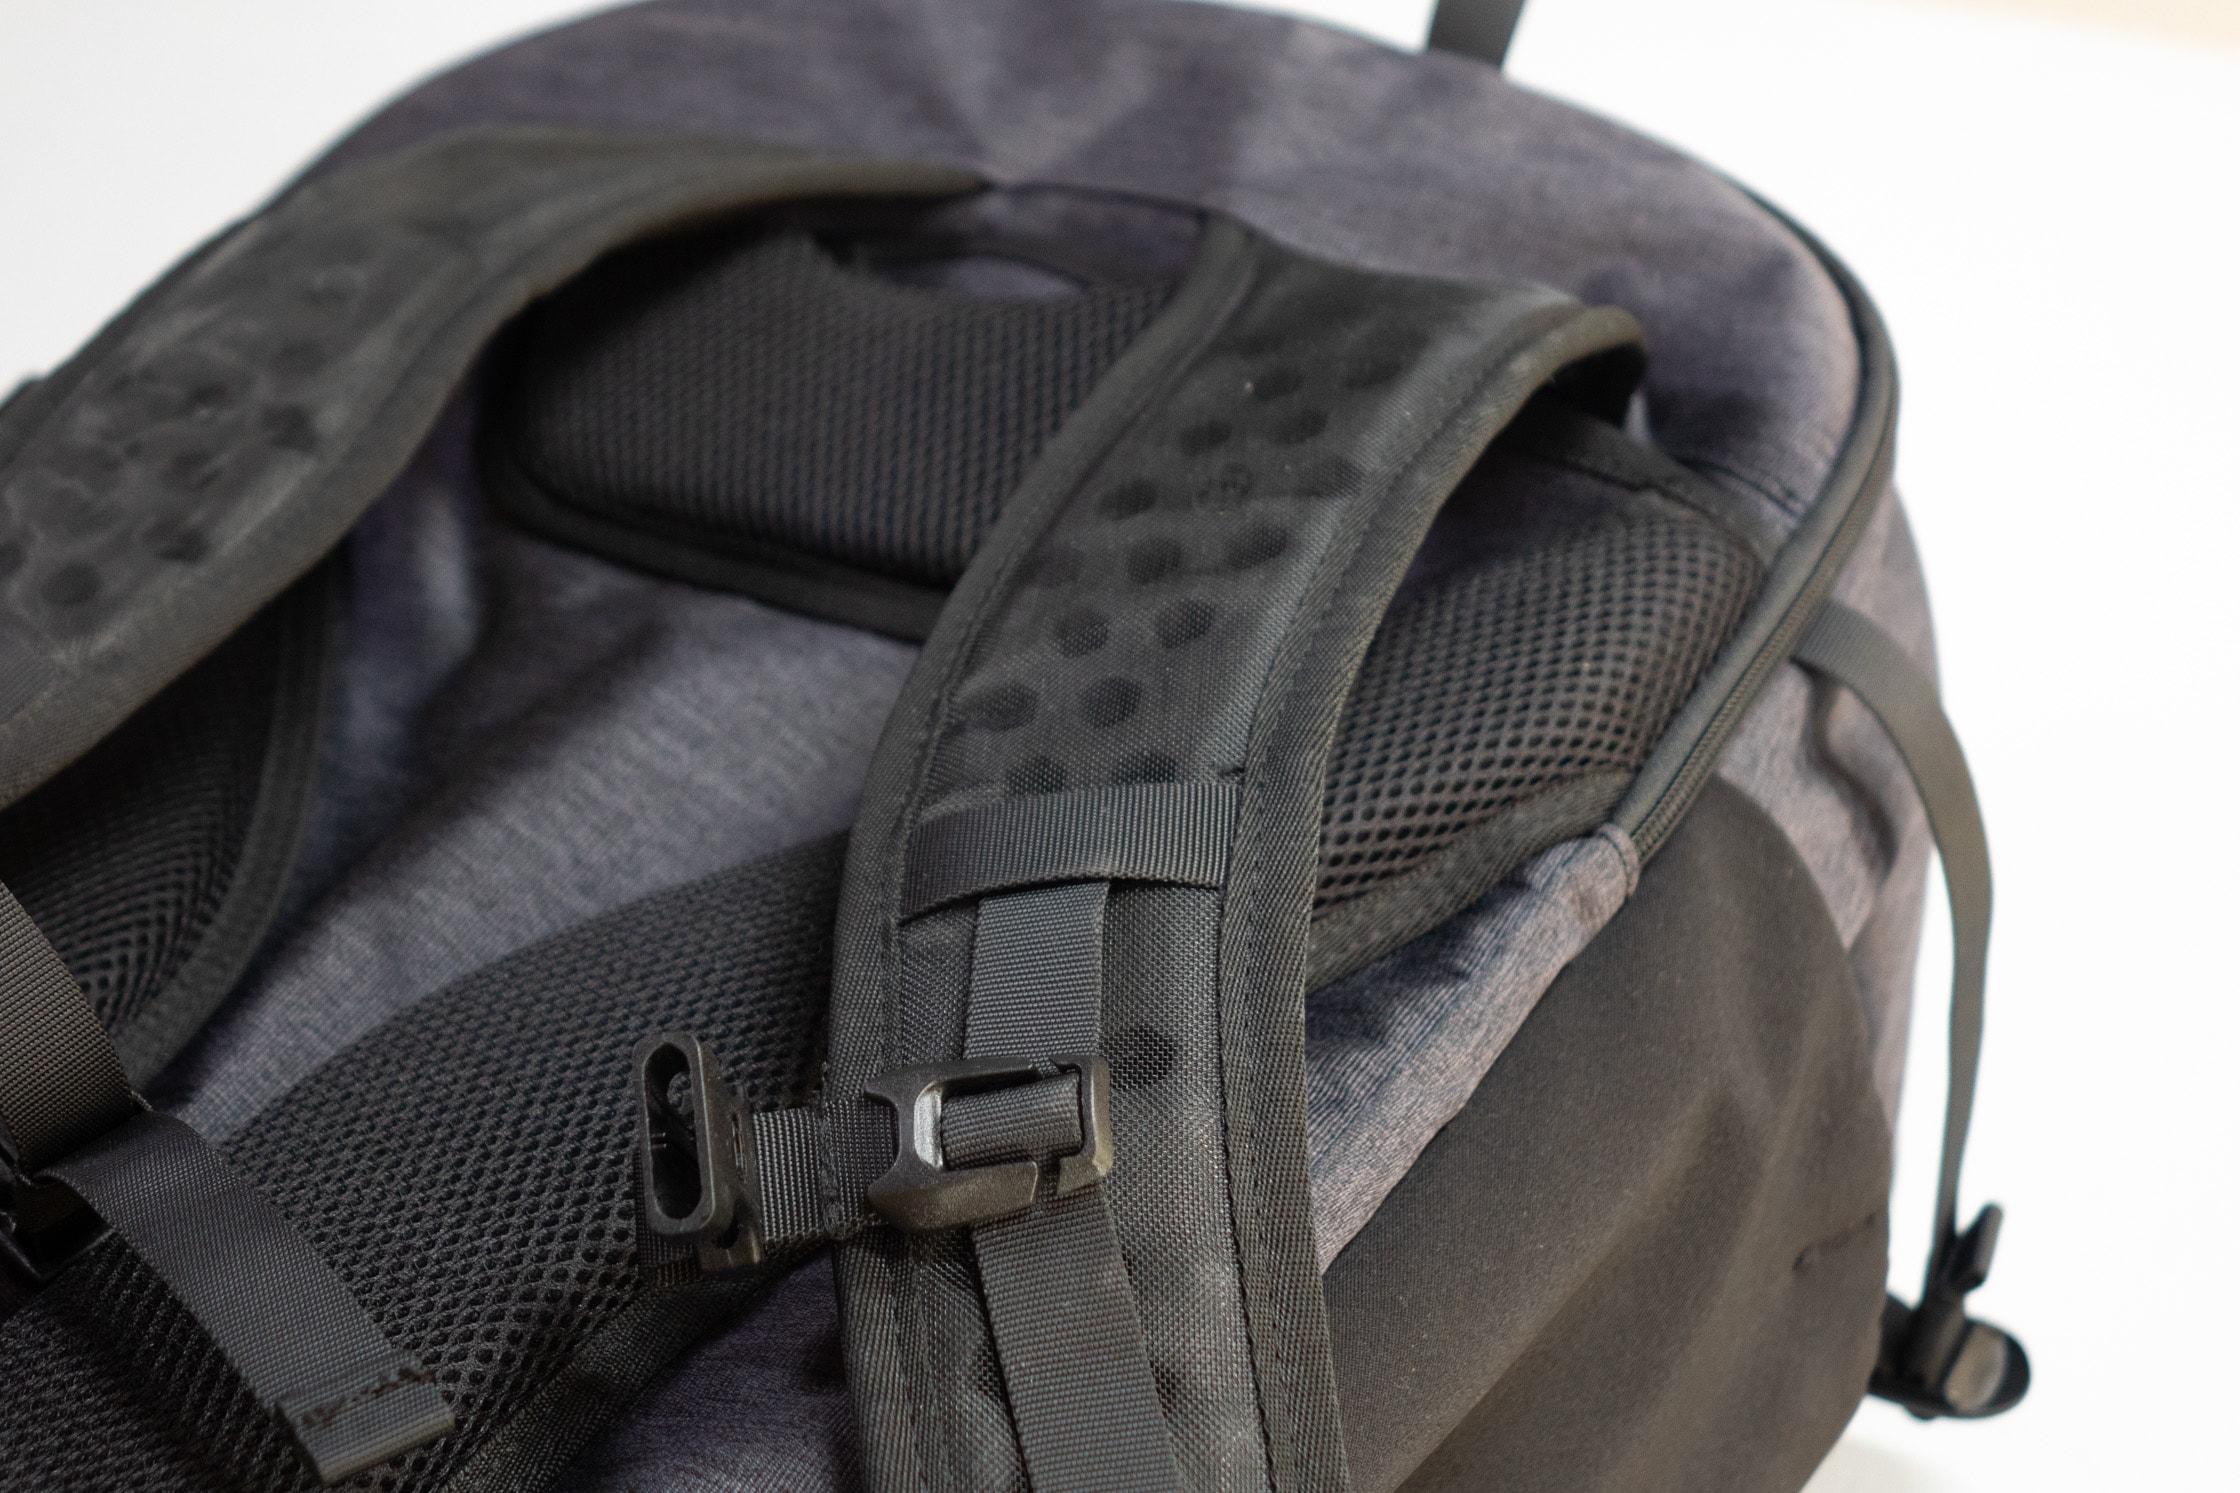 Tortuga Setout Shoulder Straps & Padded Back Panel